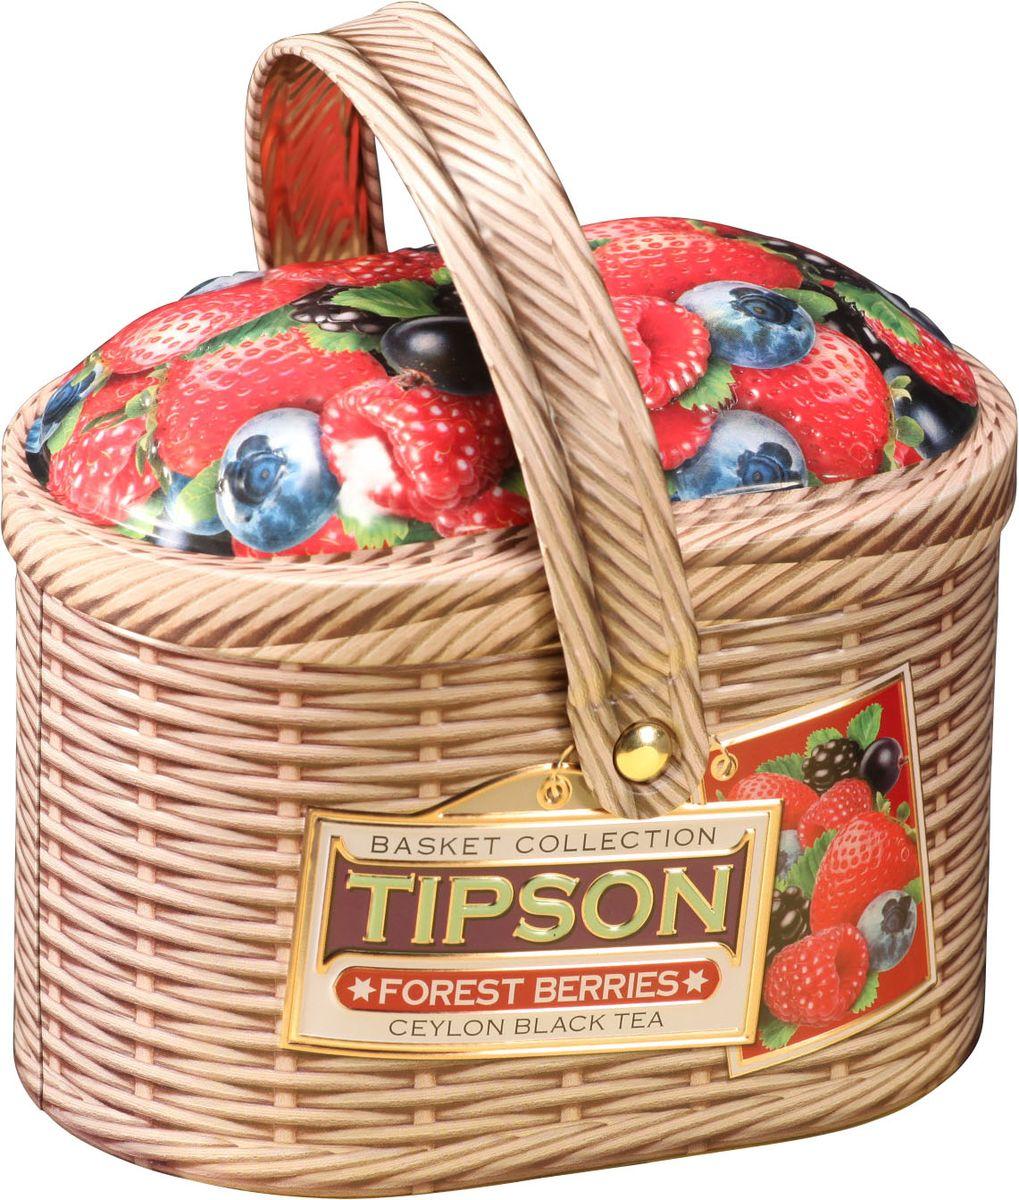 Tipson Basket-Forest Berries чай черный листовой с кусочками клубники, яблока и вишни, 80 г0120710Чай чёрный цейлонский байховый листовой с кусочками клубники и яблока, лепестками василька и ароматами вишни и ванили.